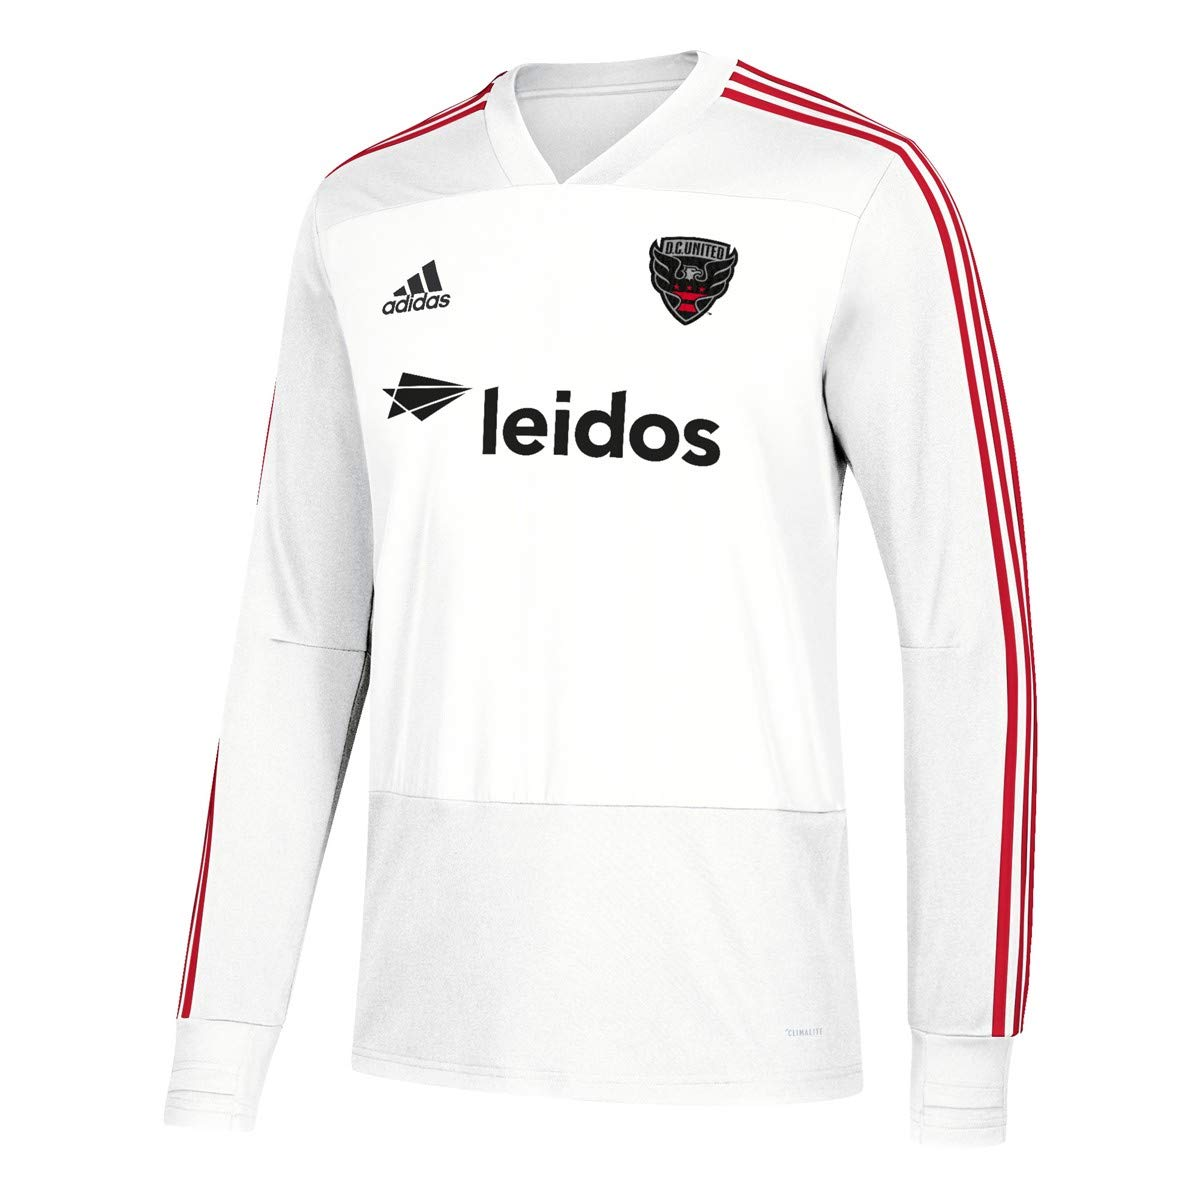 premium selection ca940 ca458 Amazon.com : adidas D.C. United MLS Men's White Climacool ...